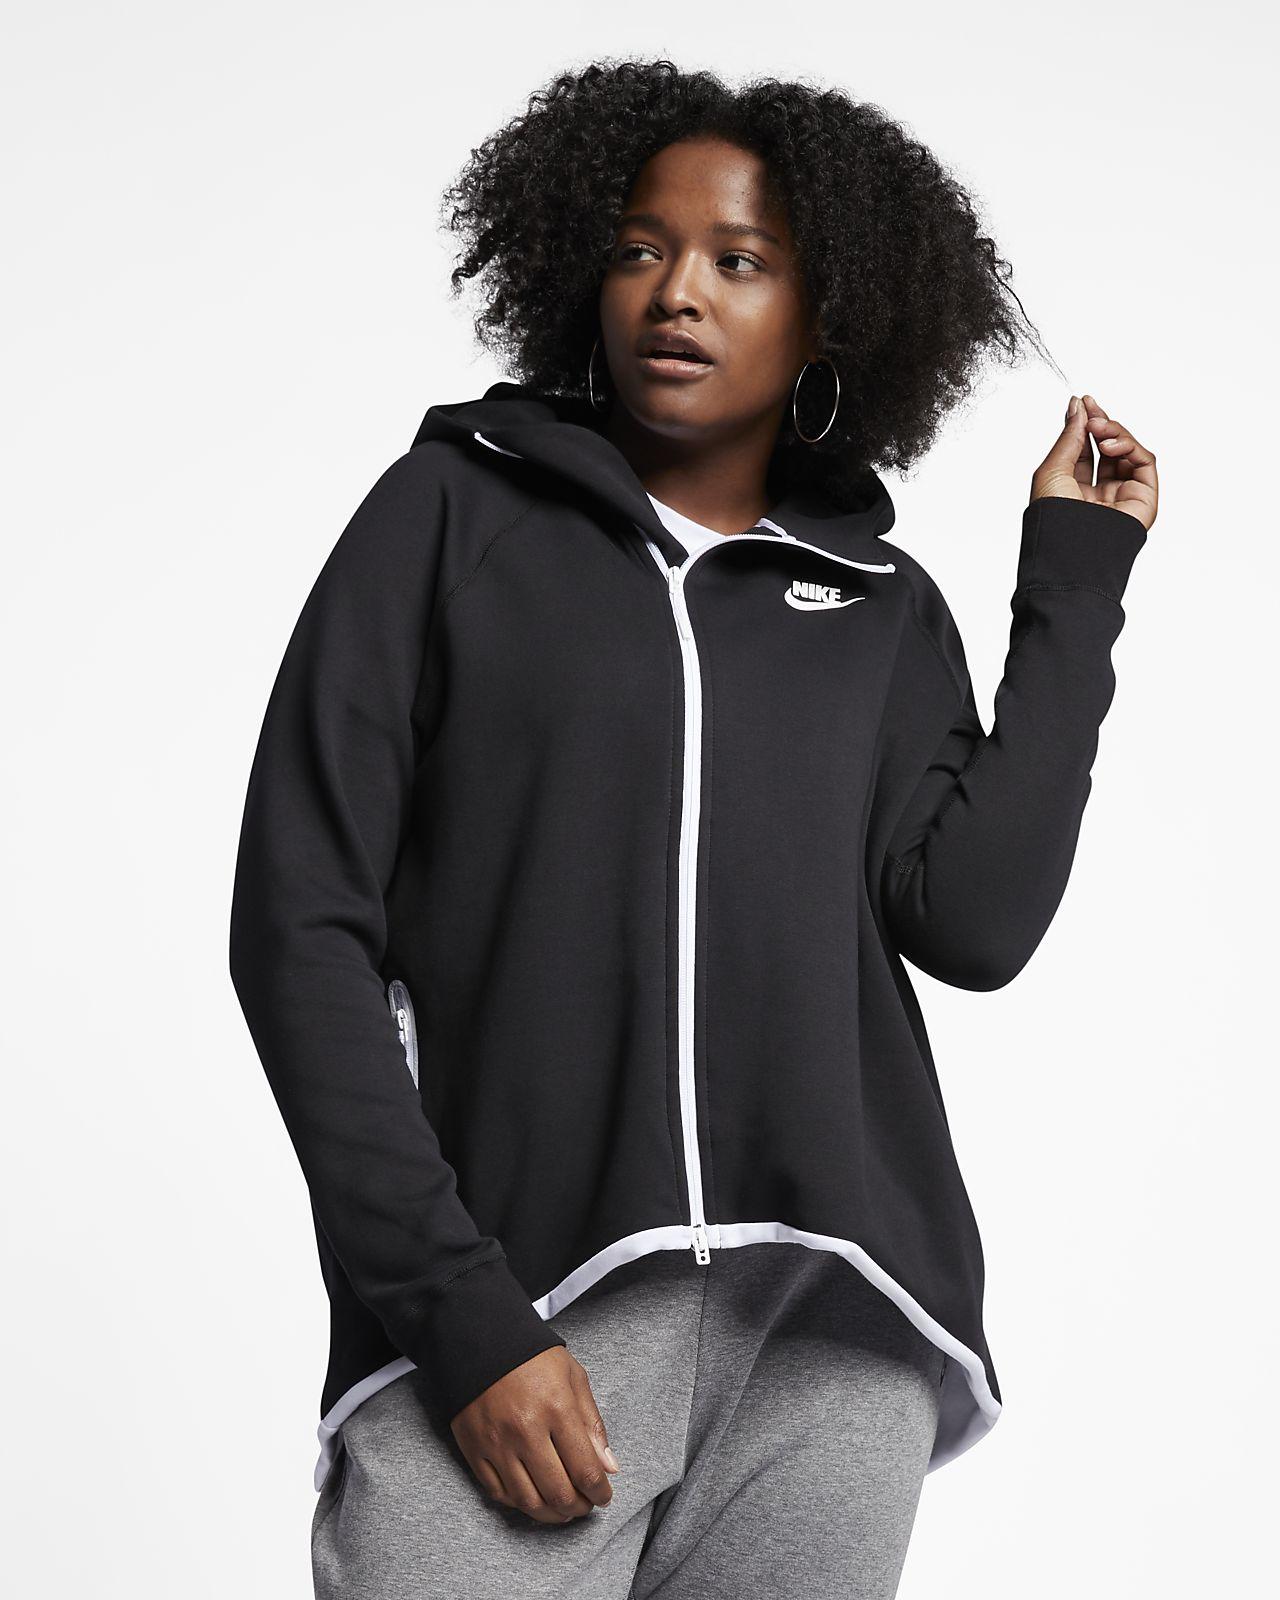 78498ed7c39 Nike Sportswear Tech Fleece Women s Full-Zip Cape (Plus Size). Nike ...